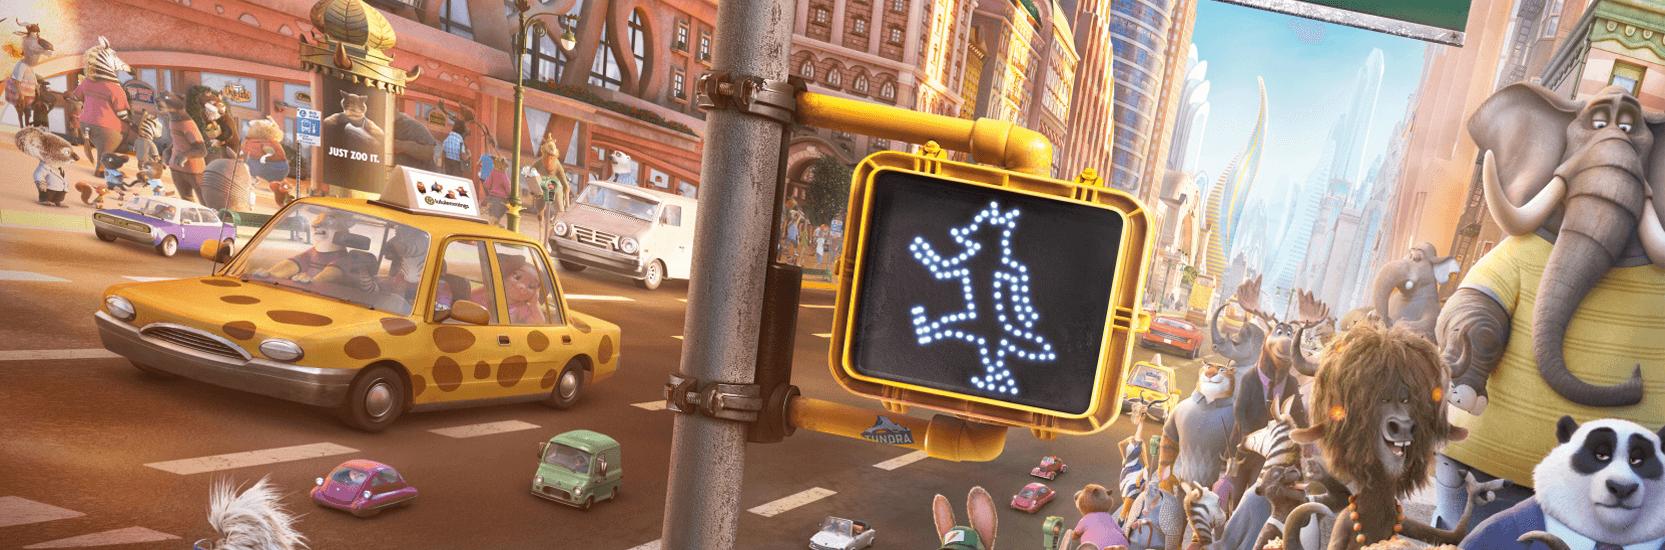 «Zootopie» : nouvelle bande-annonce pour clôturer 2015 !